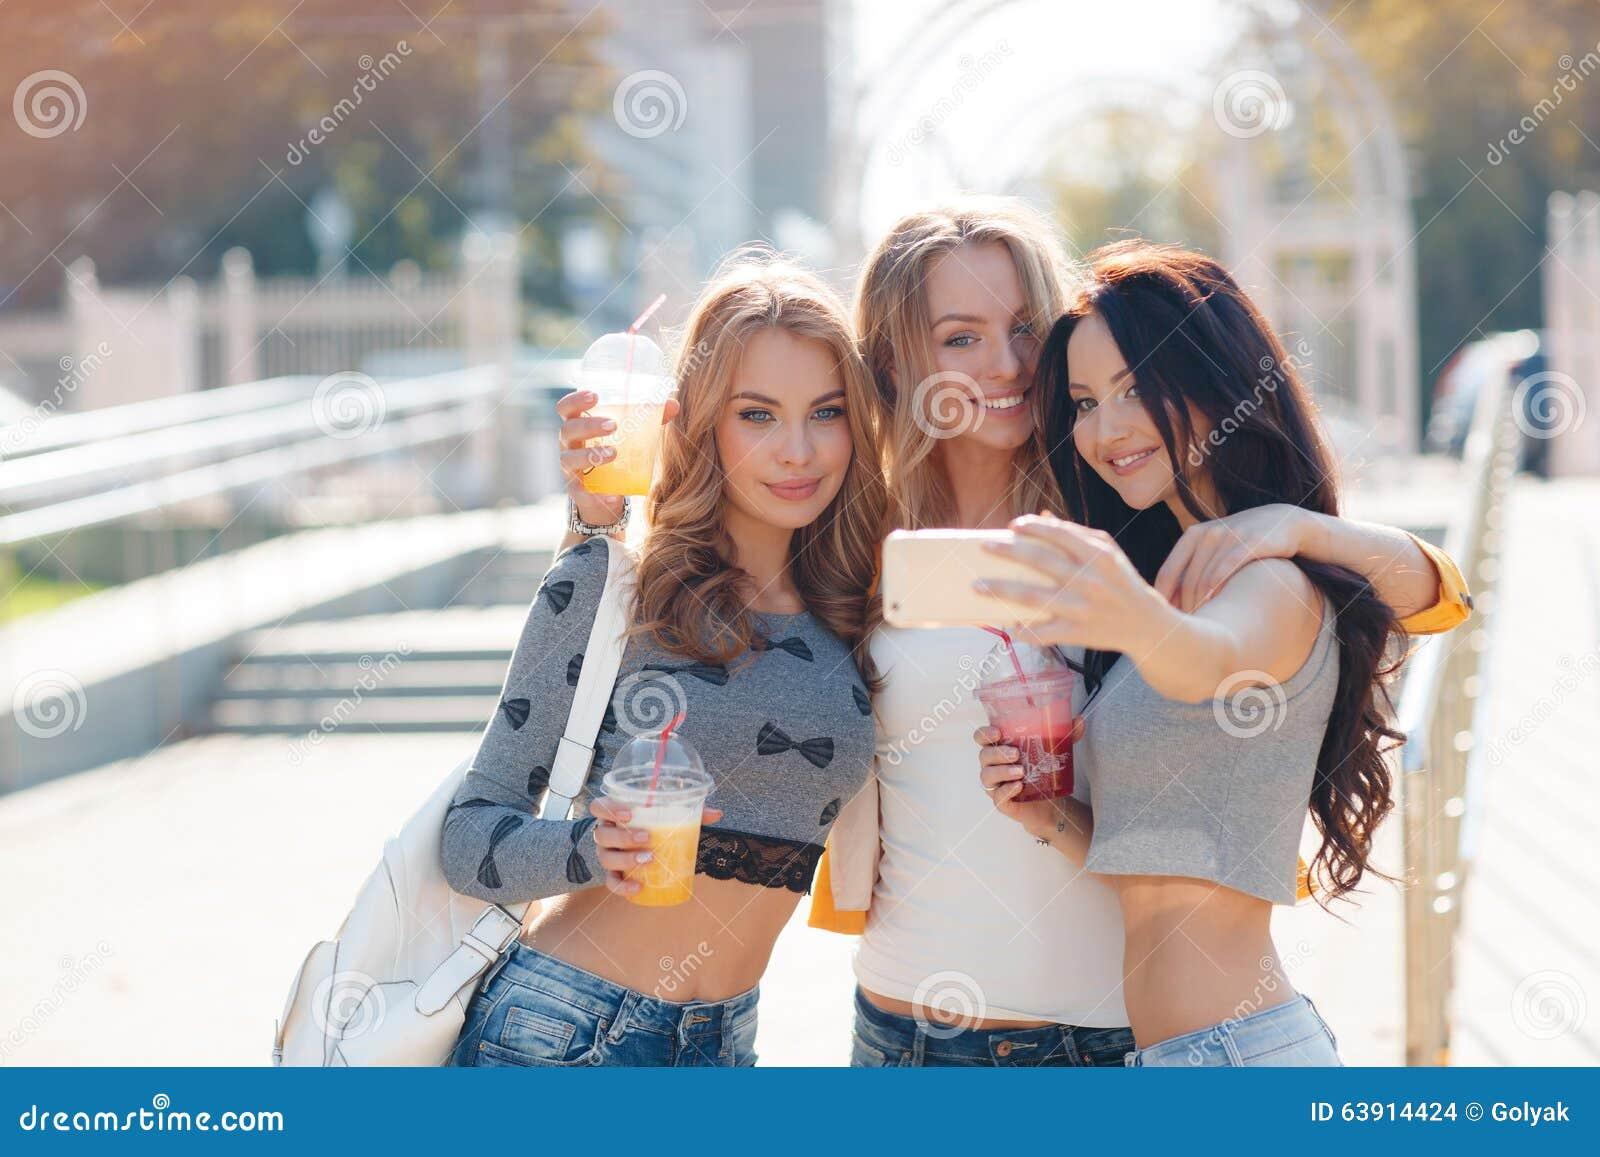 3 beautiful women